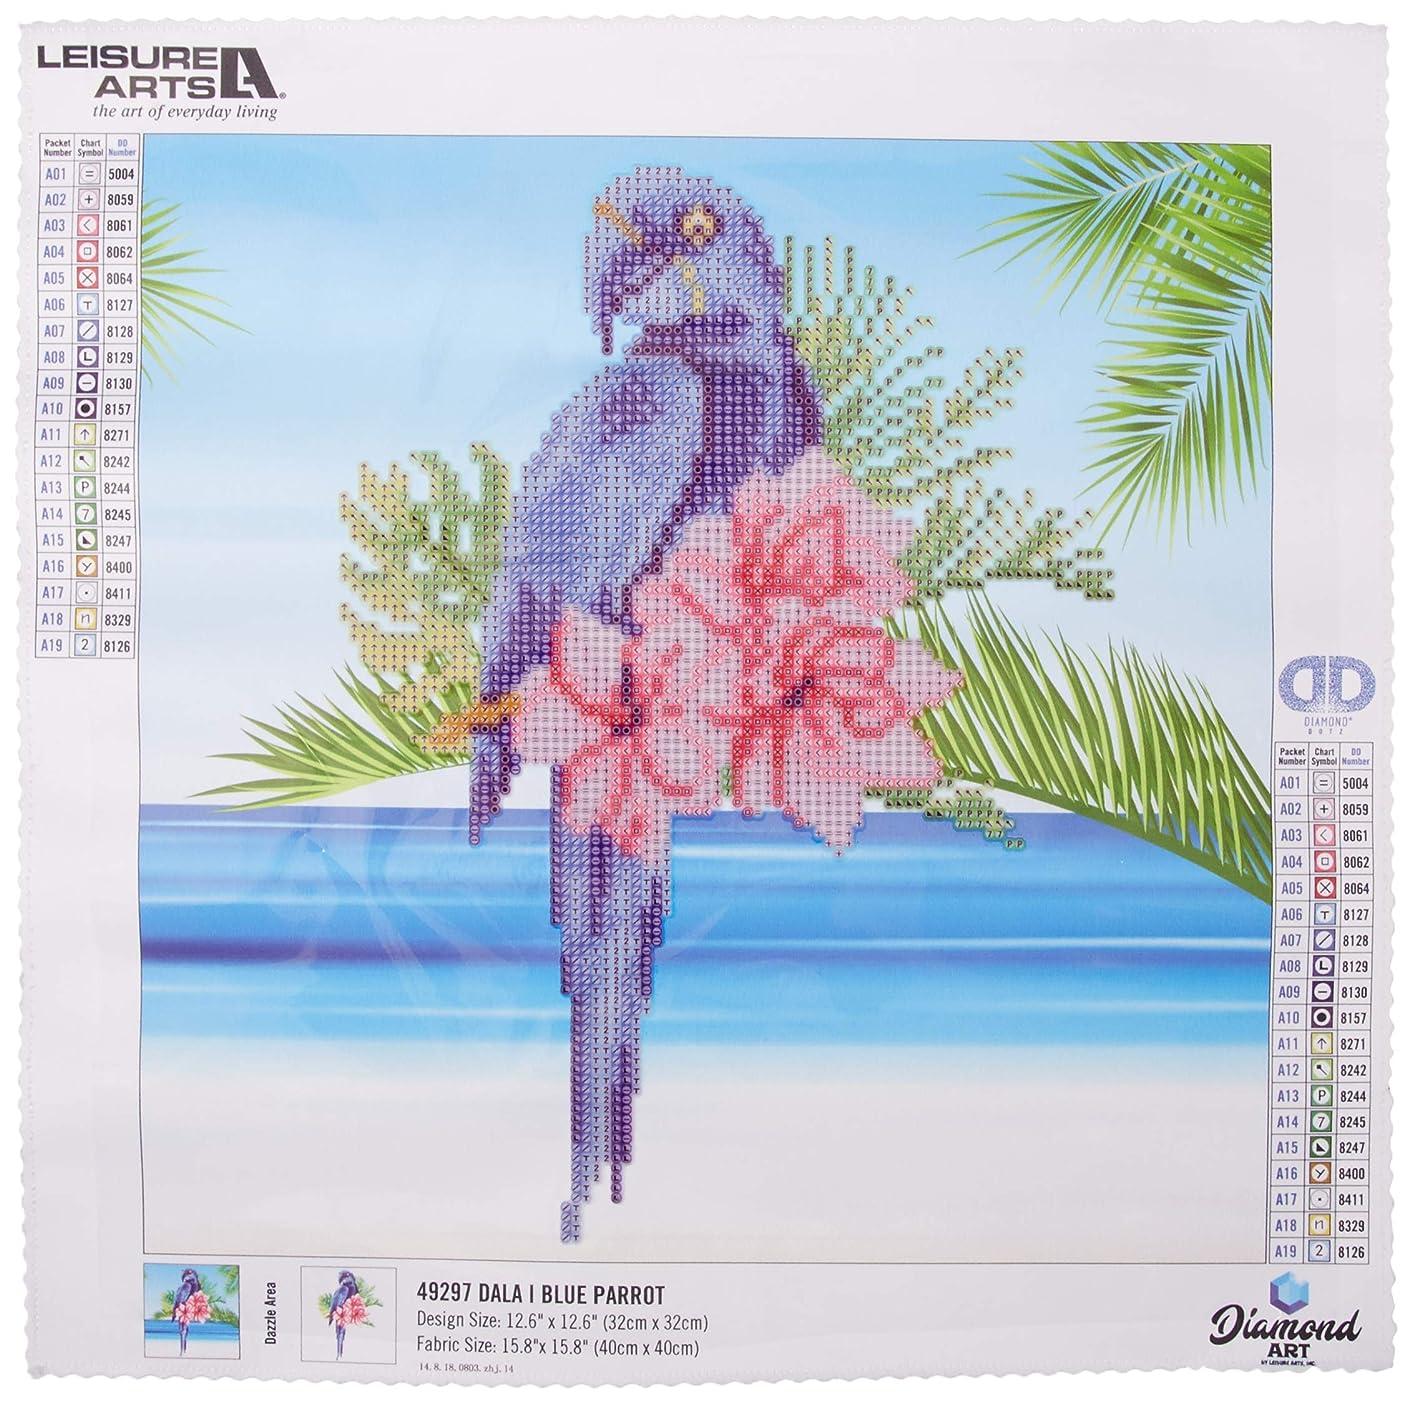 Leisure Arts-Diamond Art by Leisure Arts - Powered by Diamond Dotz - 5D DIY Diamond Painting Kit - Blue Parrot Design